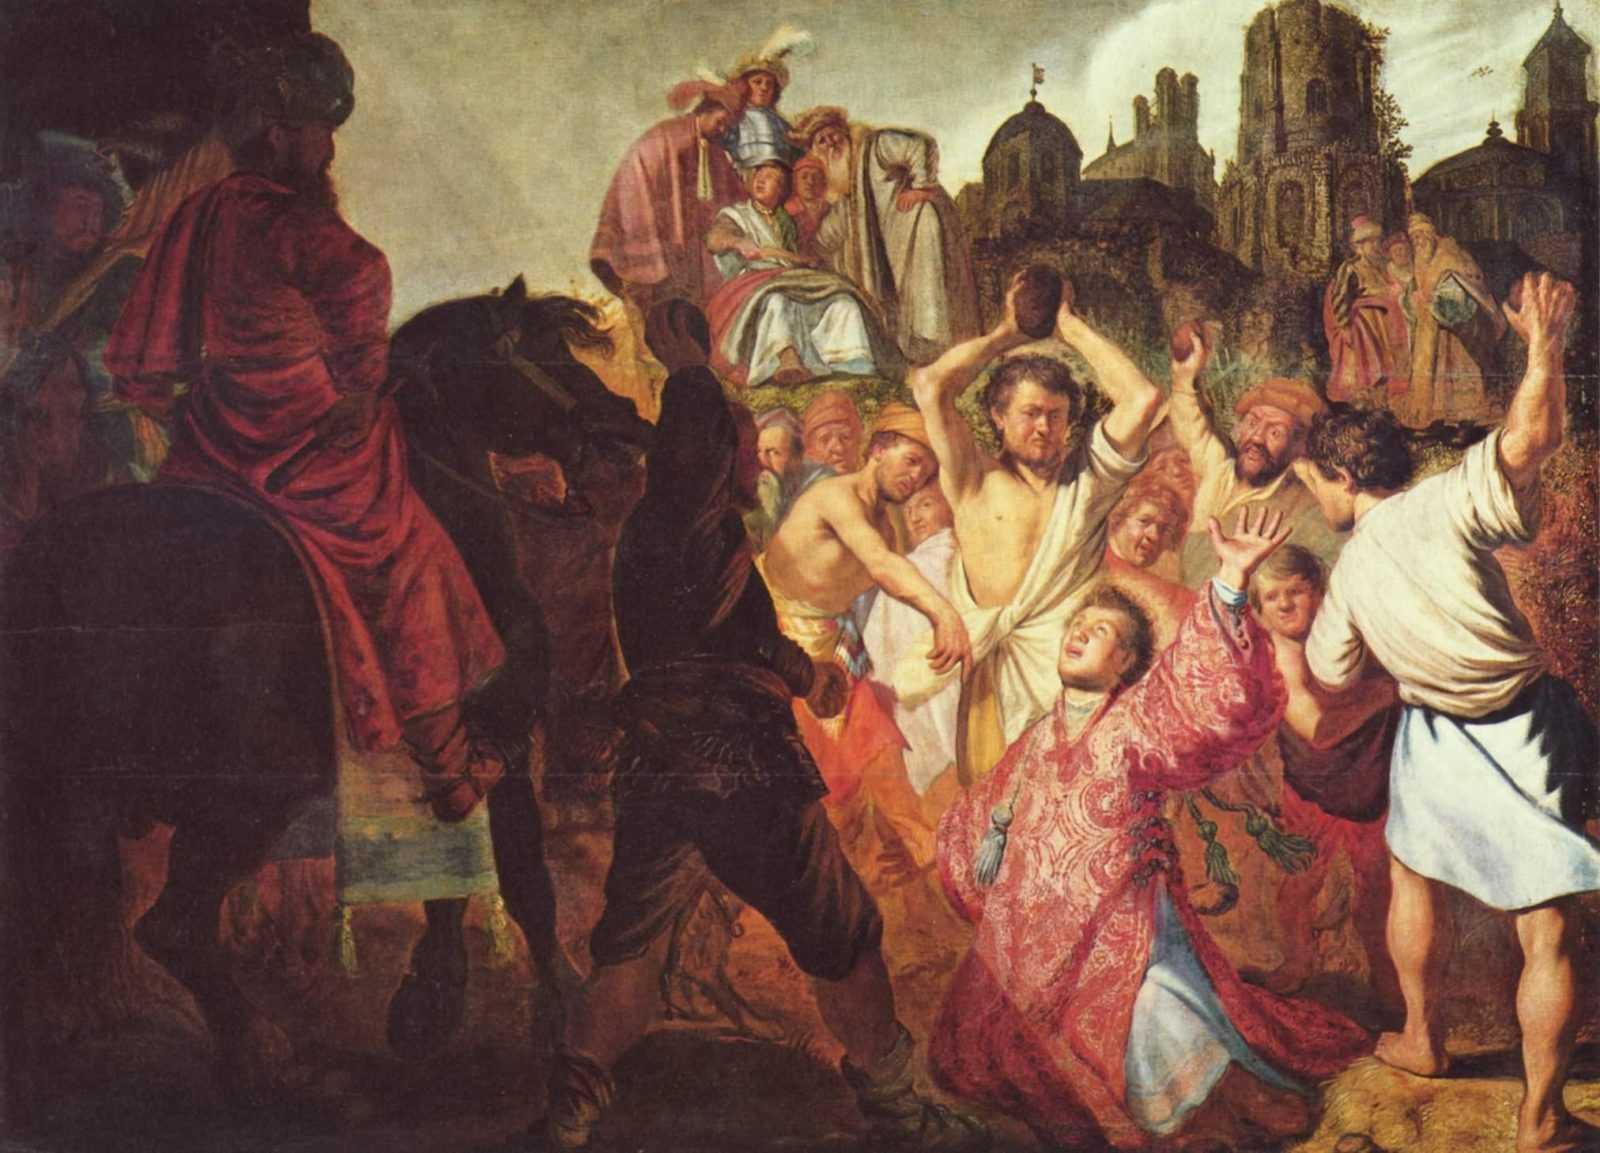 25 января. Обращение святого Апостола Павла. Праздник 1